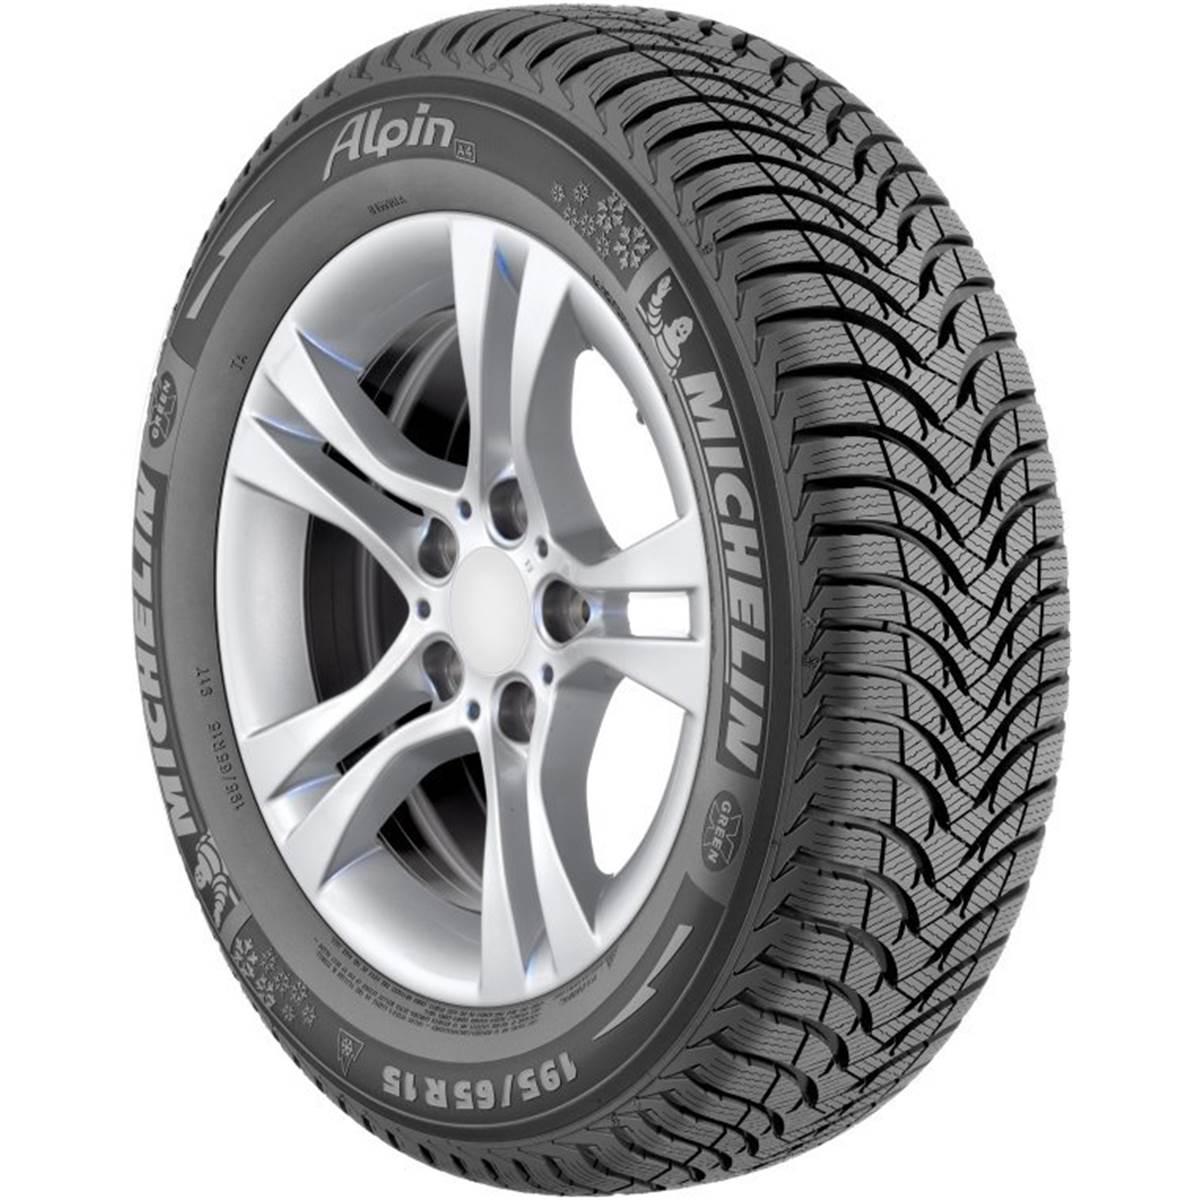 Pneu Runflat Hiver Michelin 225/50R17 94H Alpin A4